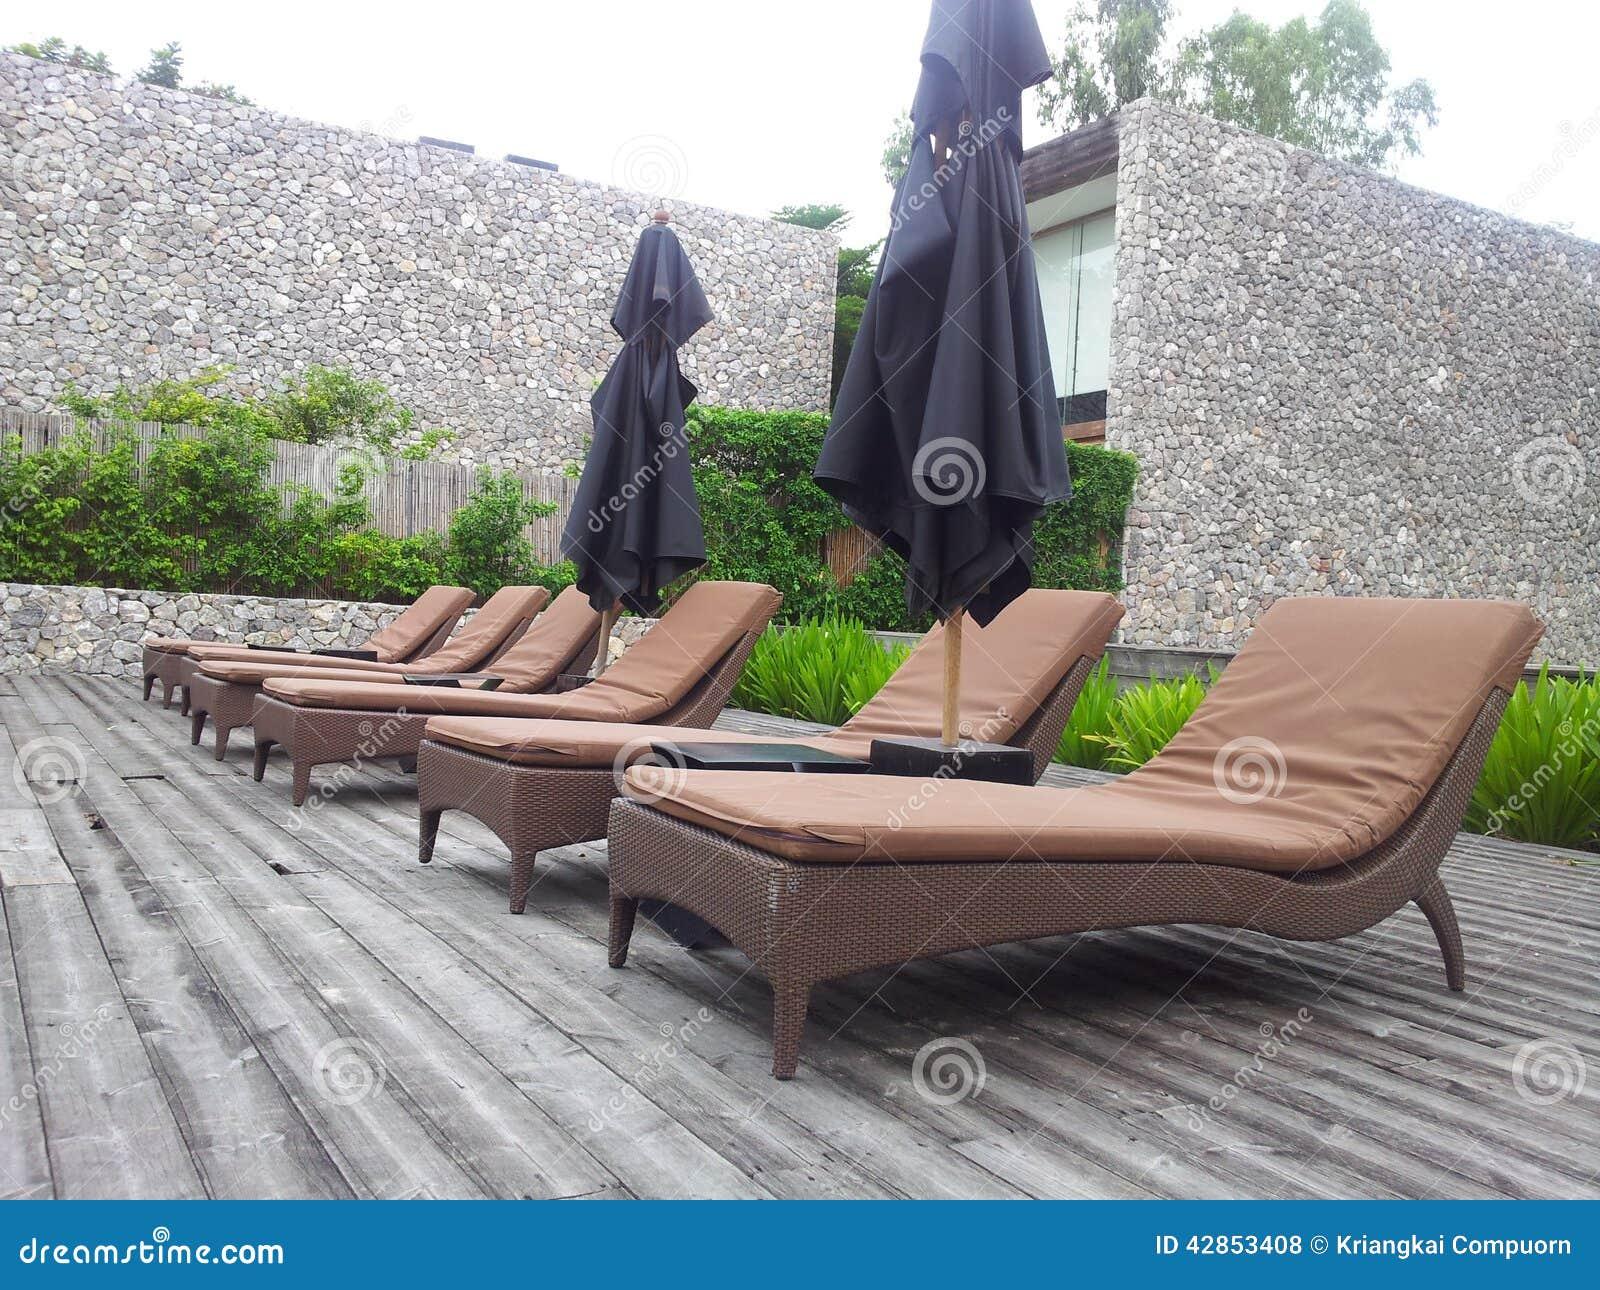 Les divans la piscine pour les prennent un bain de - Bain de soleil pour piscine ...